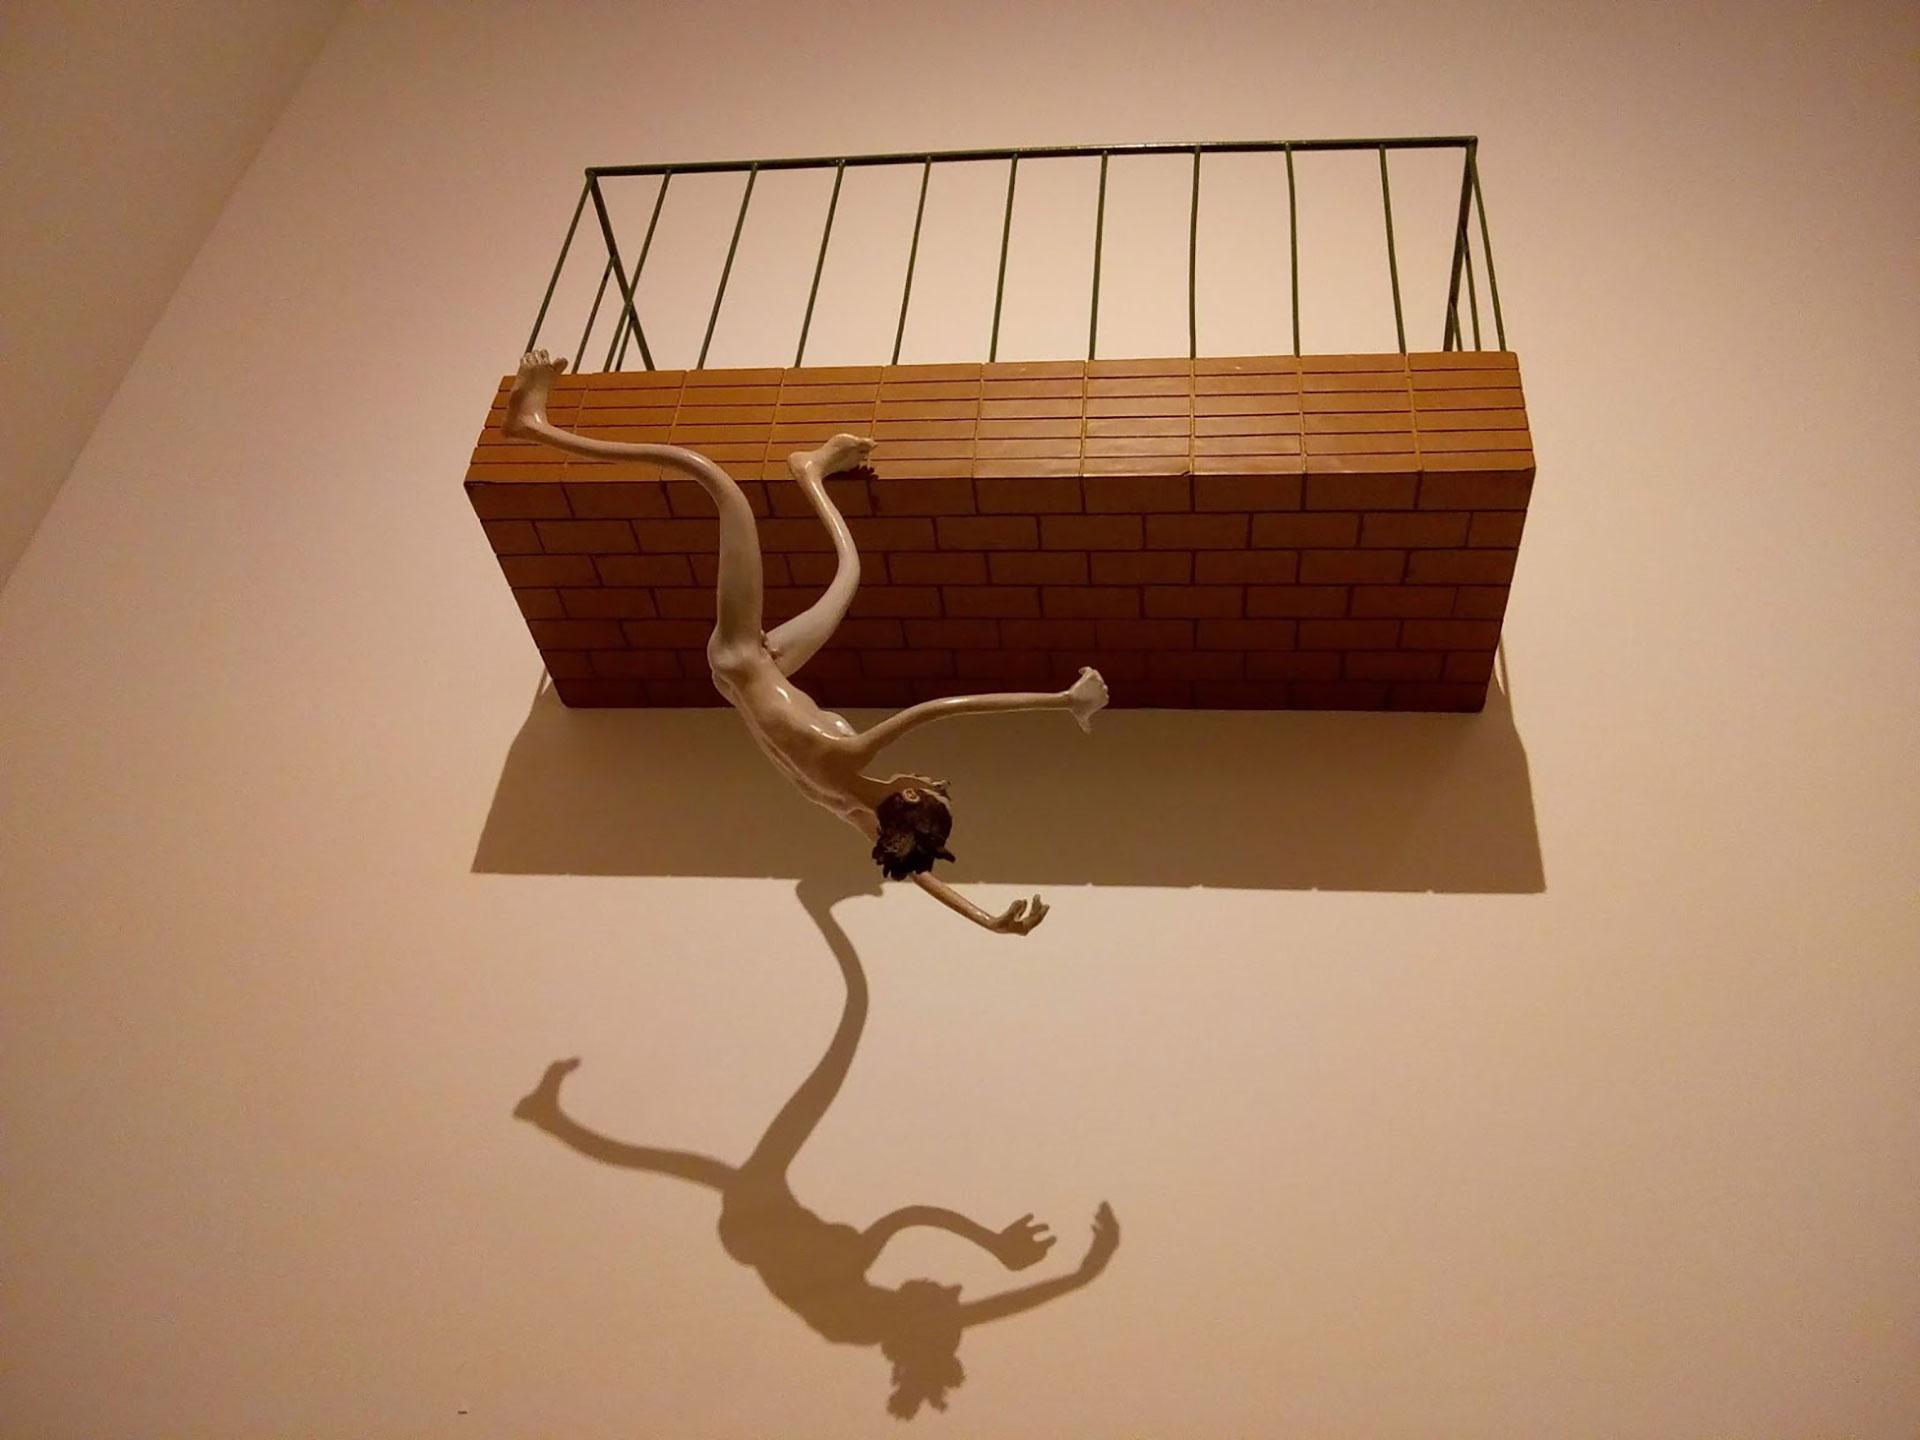 """Pablo Suárez, """"¡Oh destino fatal!"""" (1997), exhibida en el MALBA"""